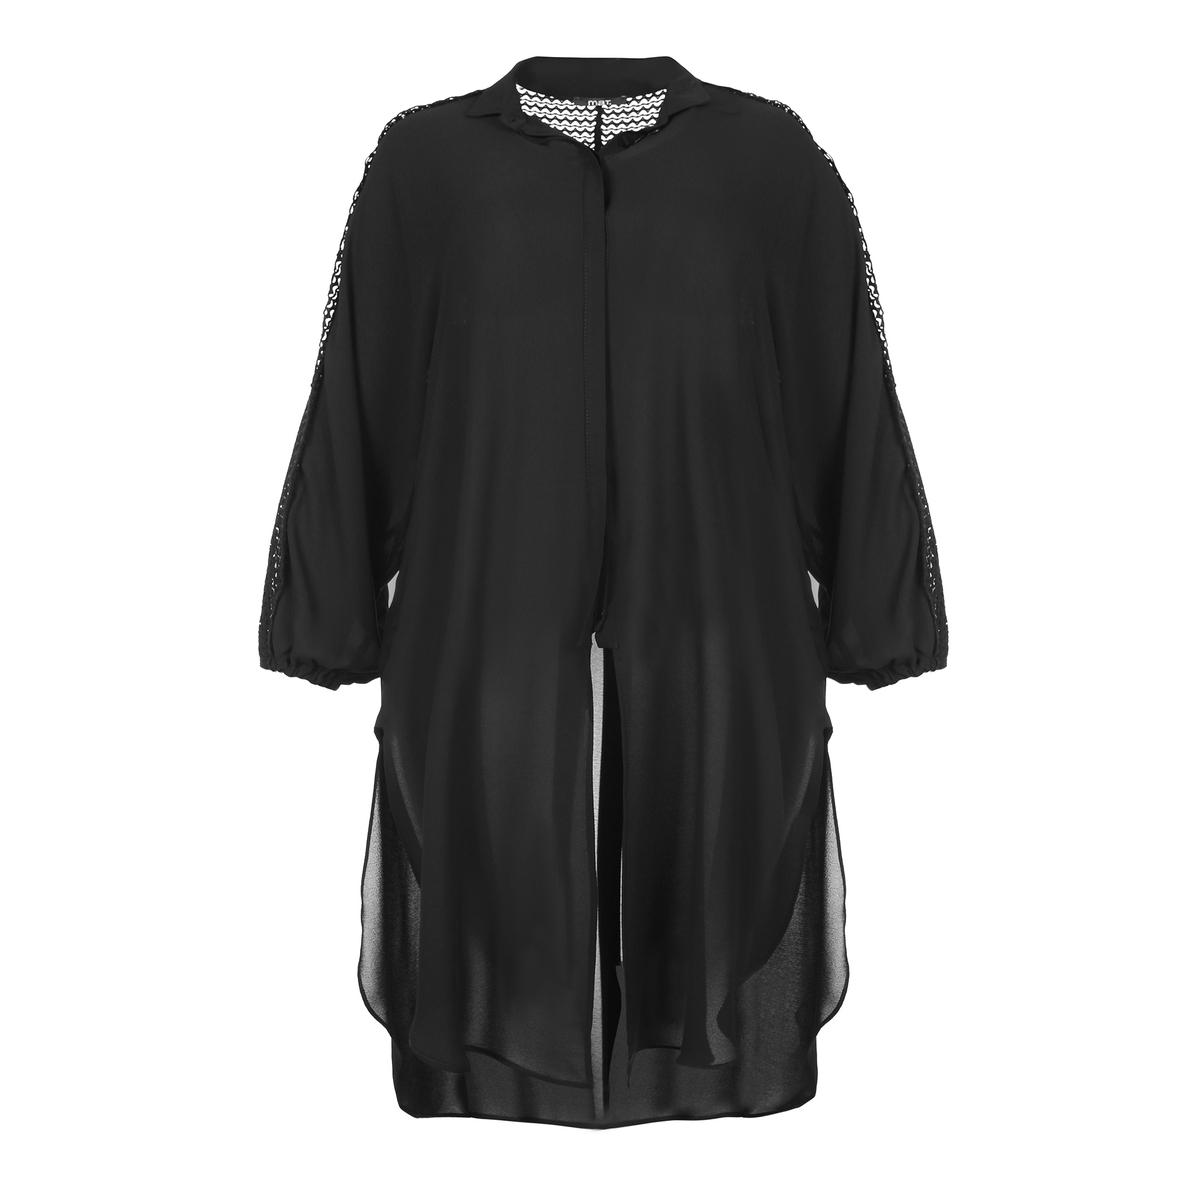 ТуникаАсимметричная туника-рубашка из очень тонкой струящейся ткани. Длинные рукава со складками, кружево от плеч до низа. Рубашечный воротник со скрытой застежкой на пуговицы. Красивая туника одного размера, соответствует 46-54 размерам.<br><br>Цвет: черный